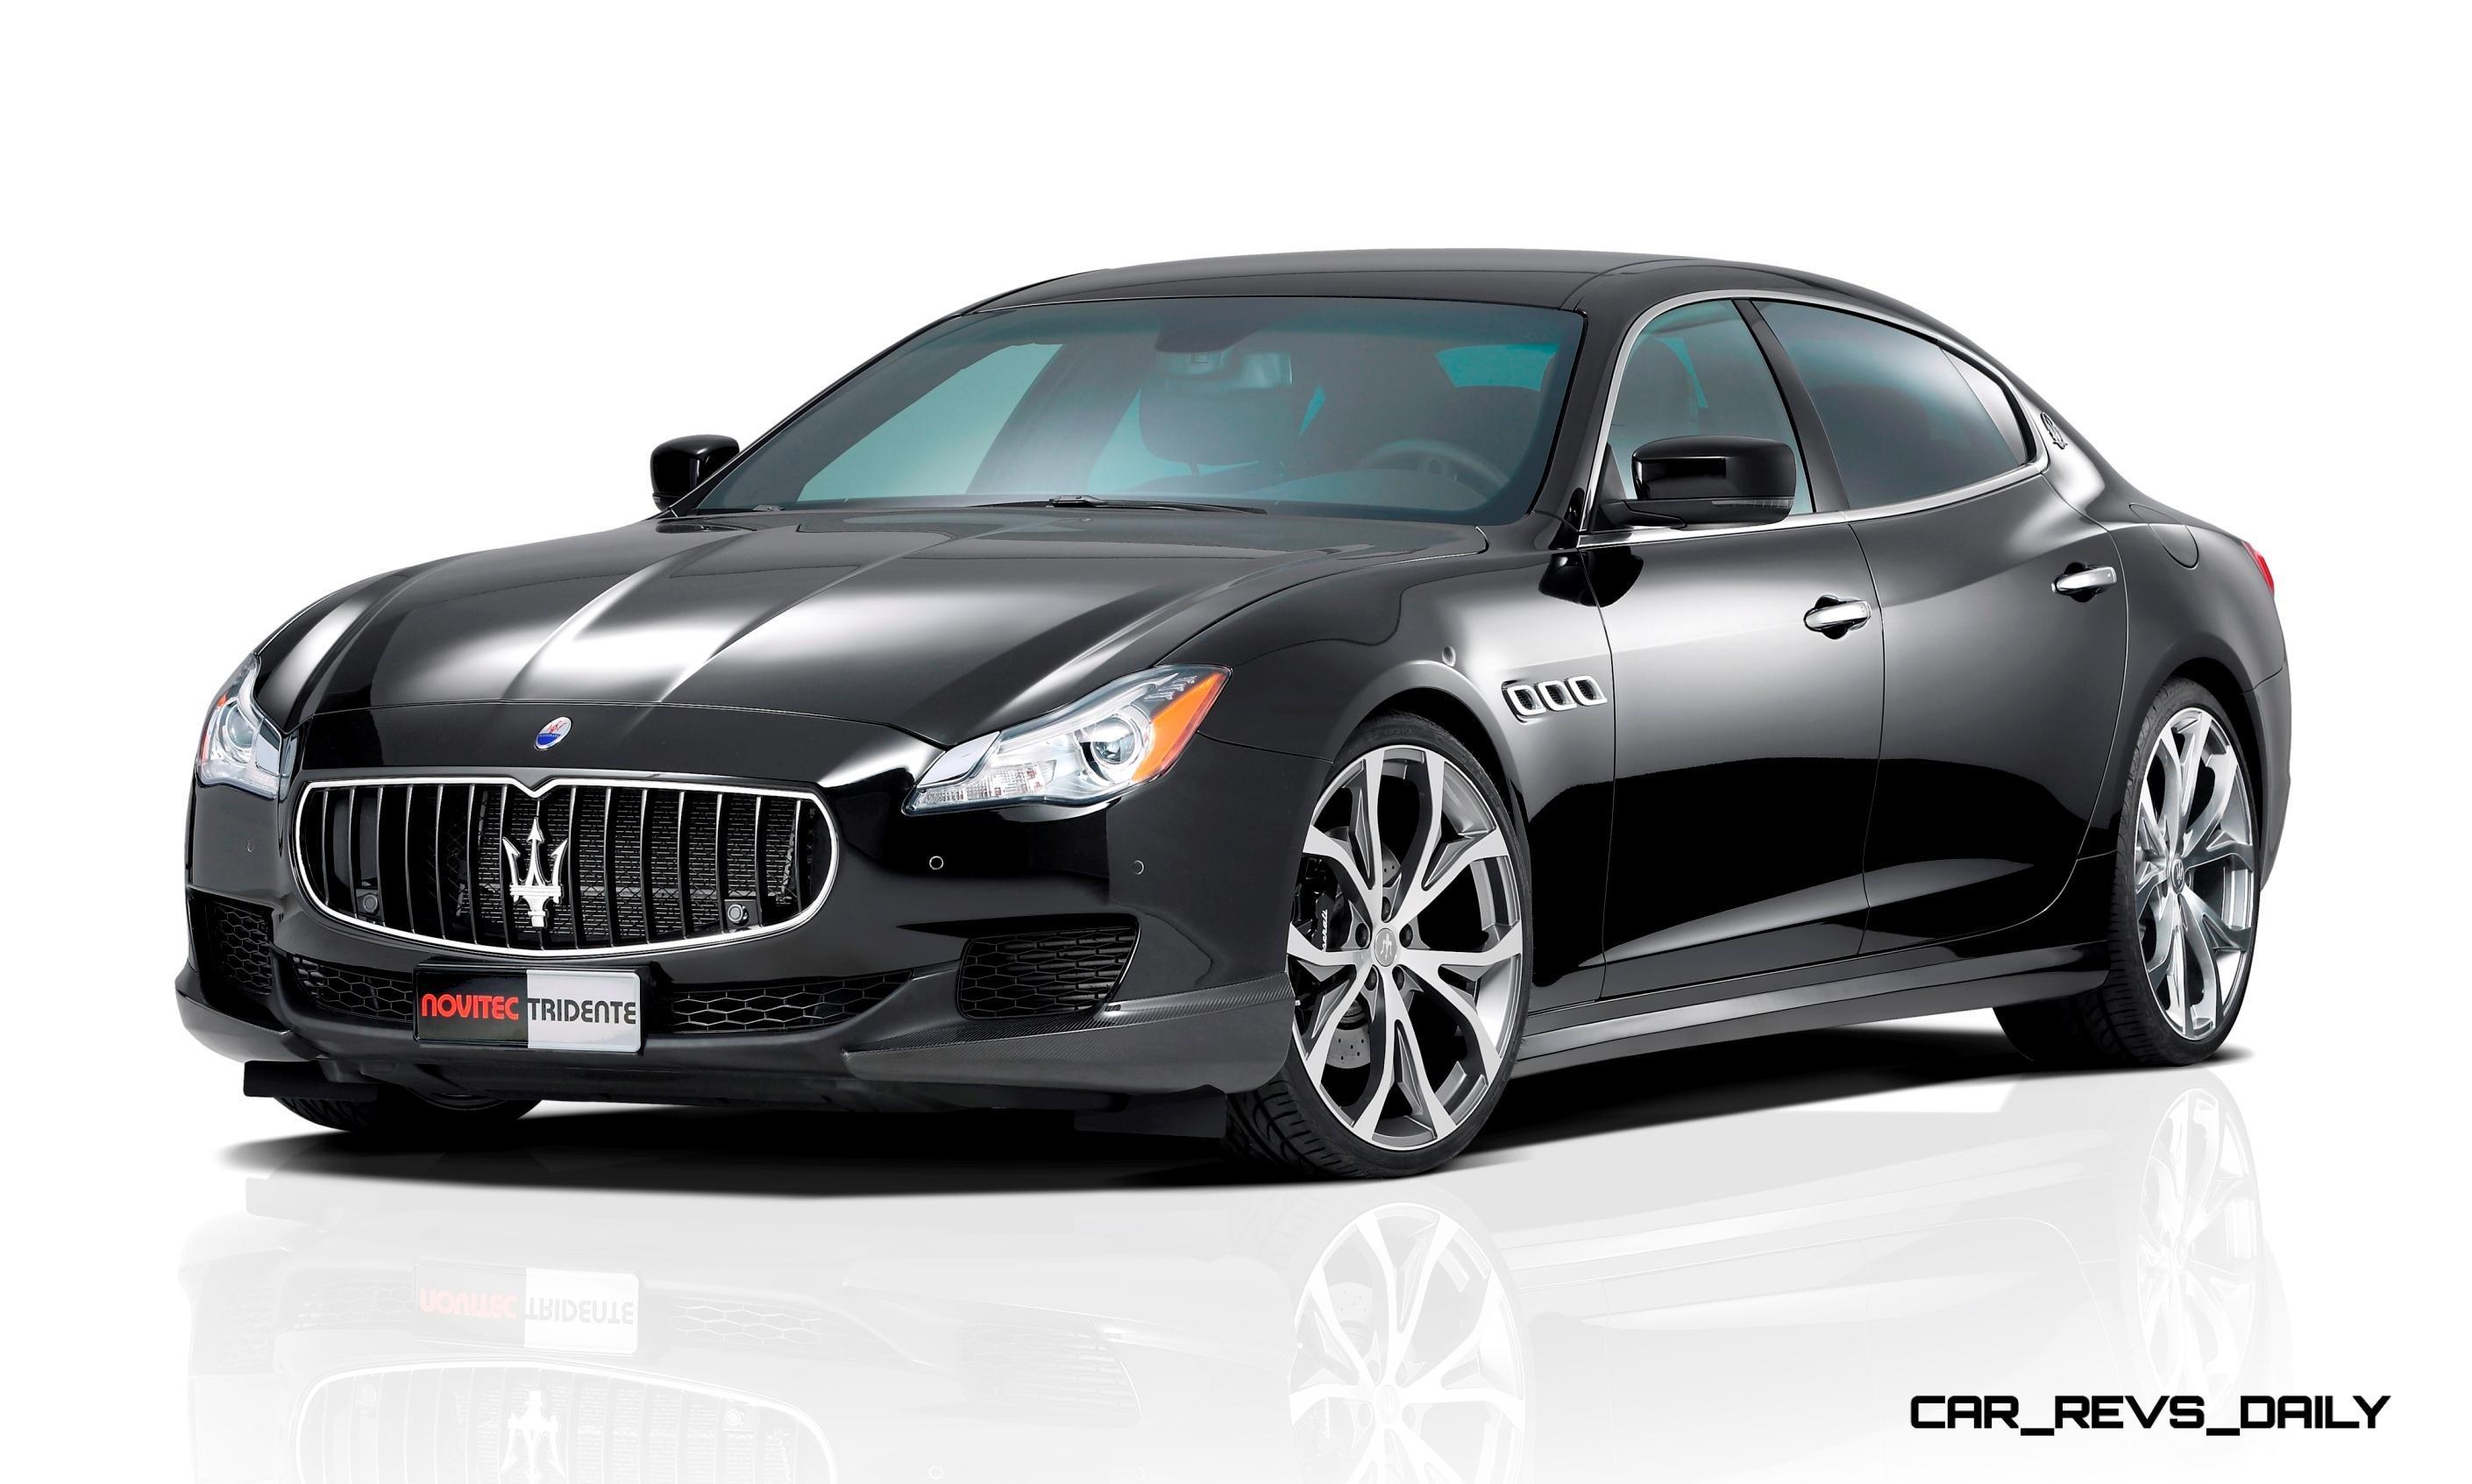 Image [ 46 of 50 ] - Novitec Tridente Maserati Quattroporte Part of ...